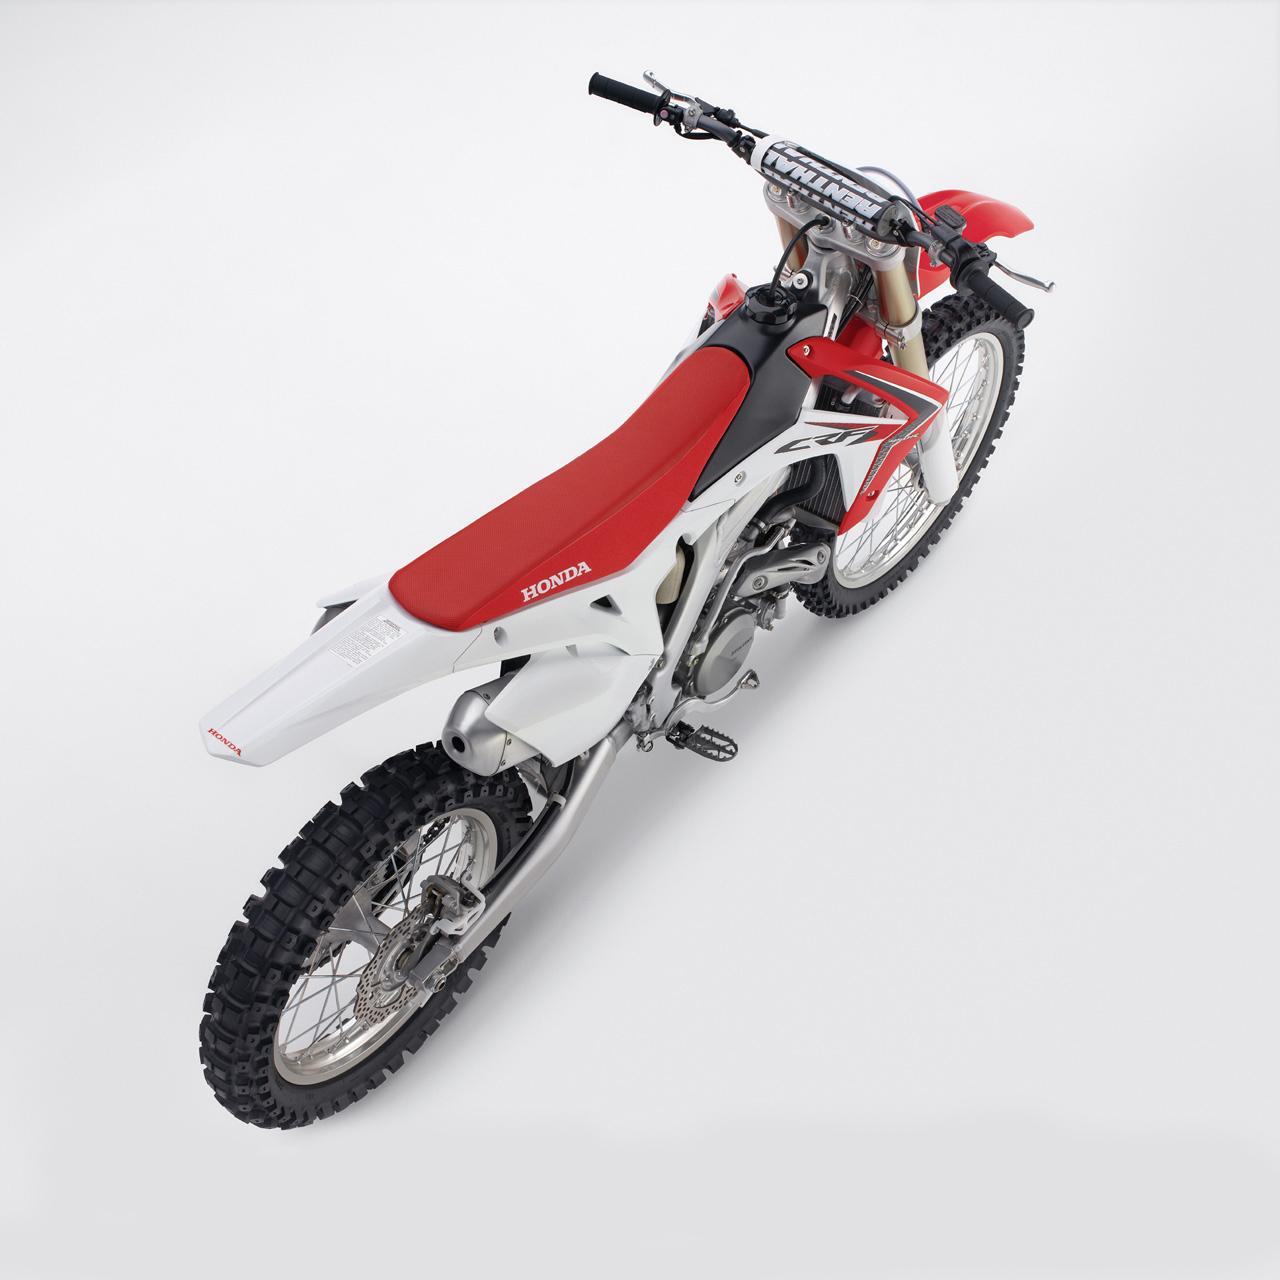 CRF450R (1)